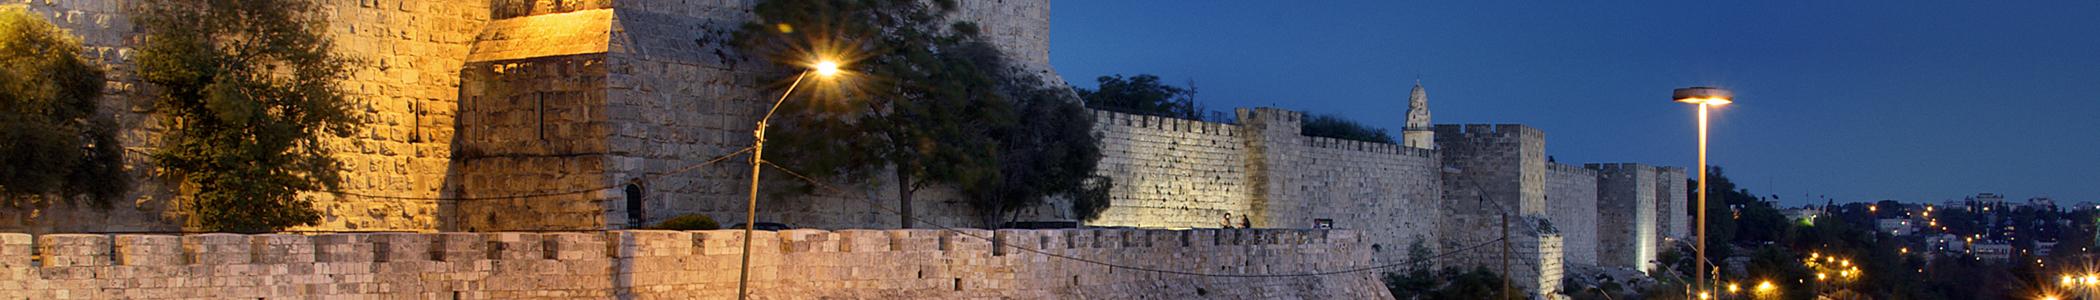 Old Car Background >> Jerusalem – Travel guide at Wikivoyage